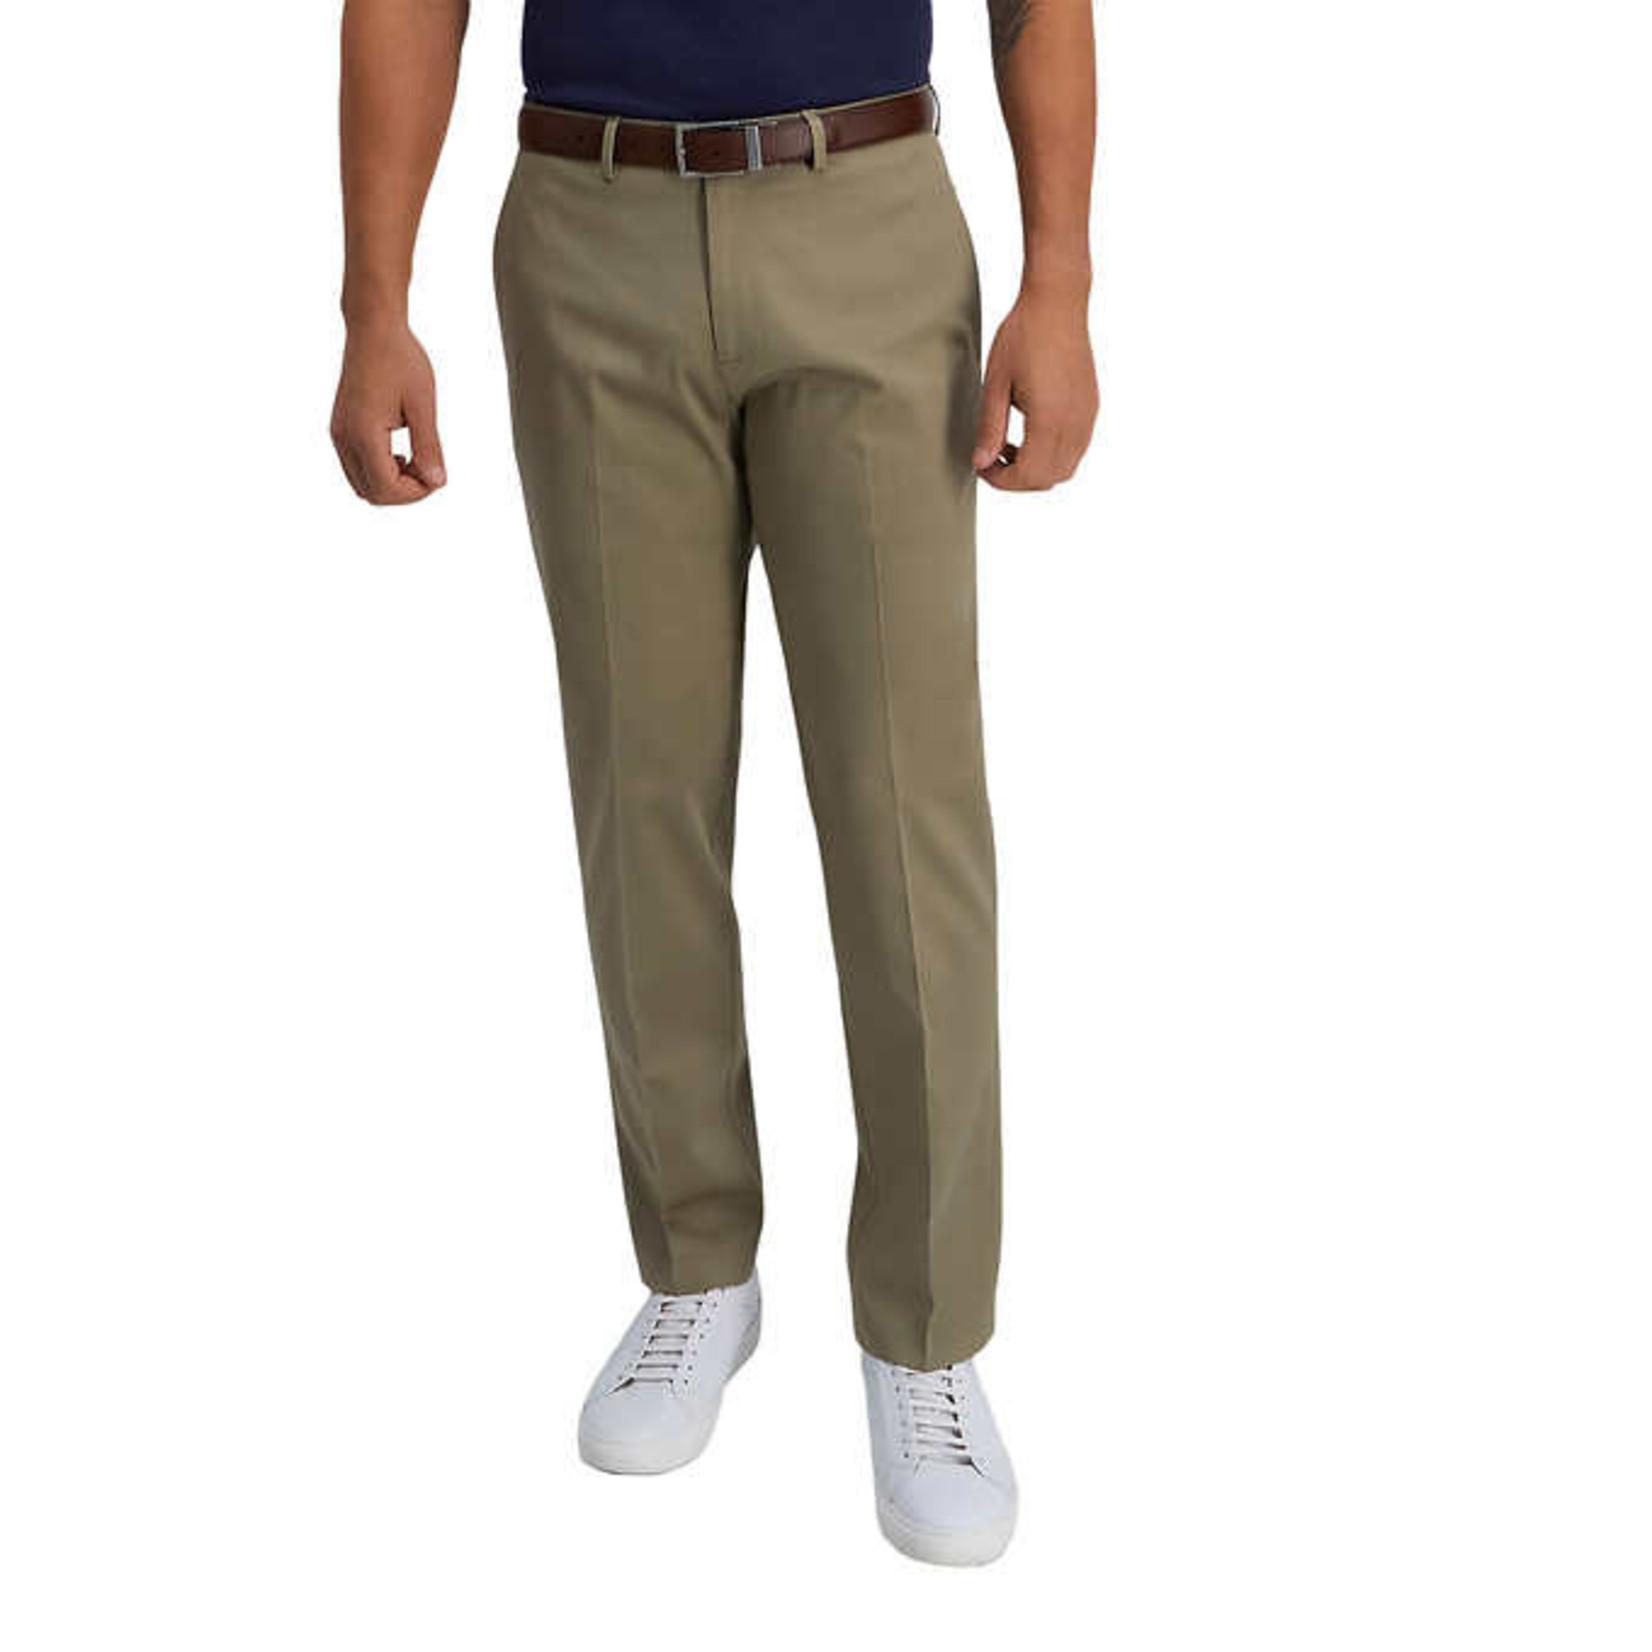 Haggar Men's Premium Dress Khakis Pants